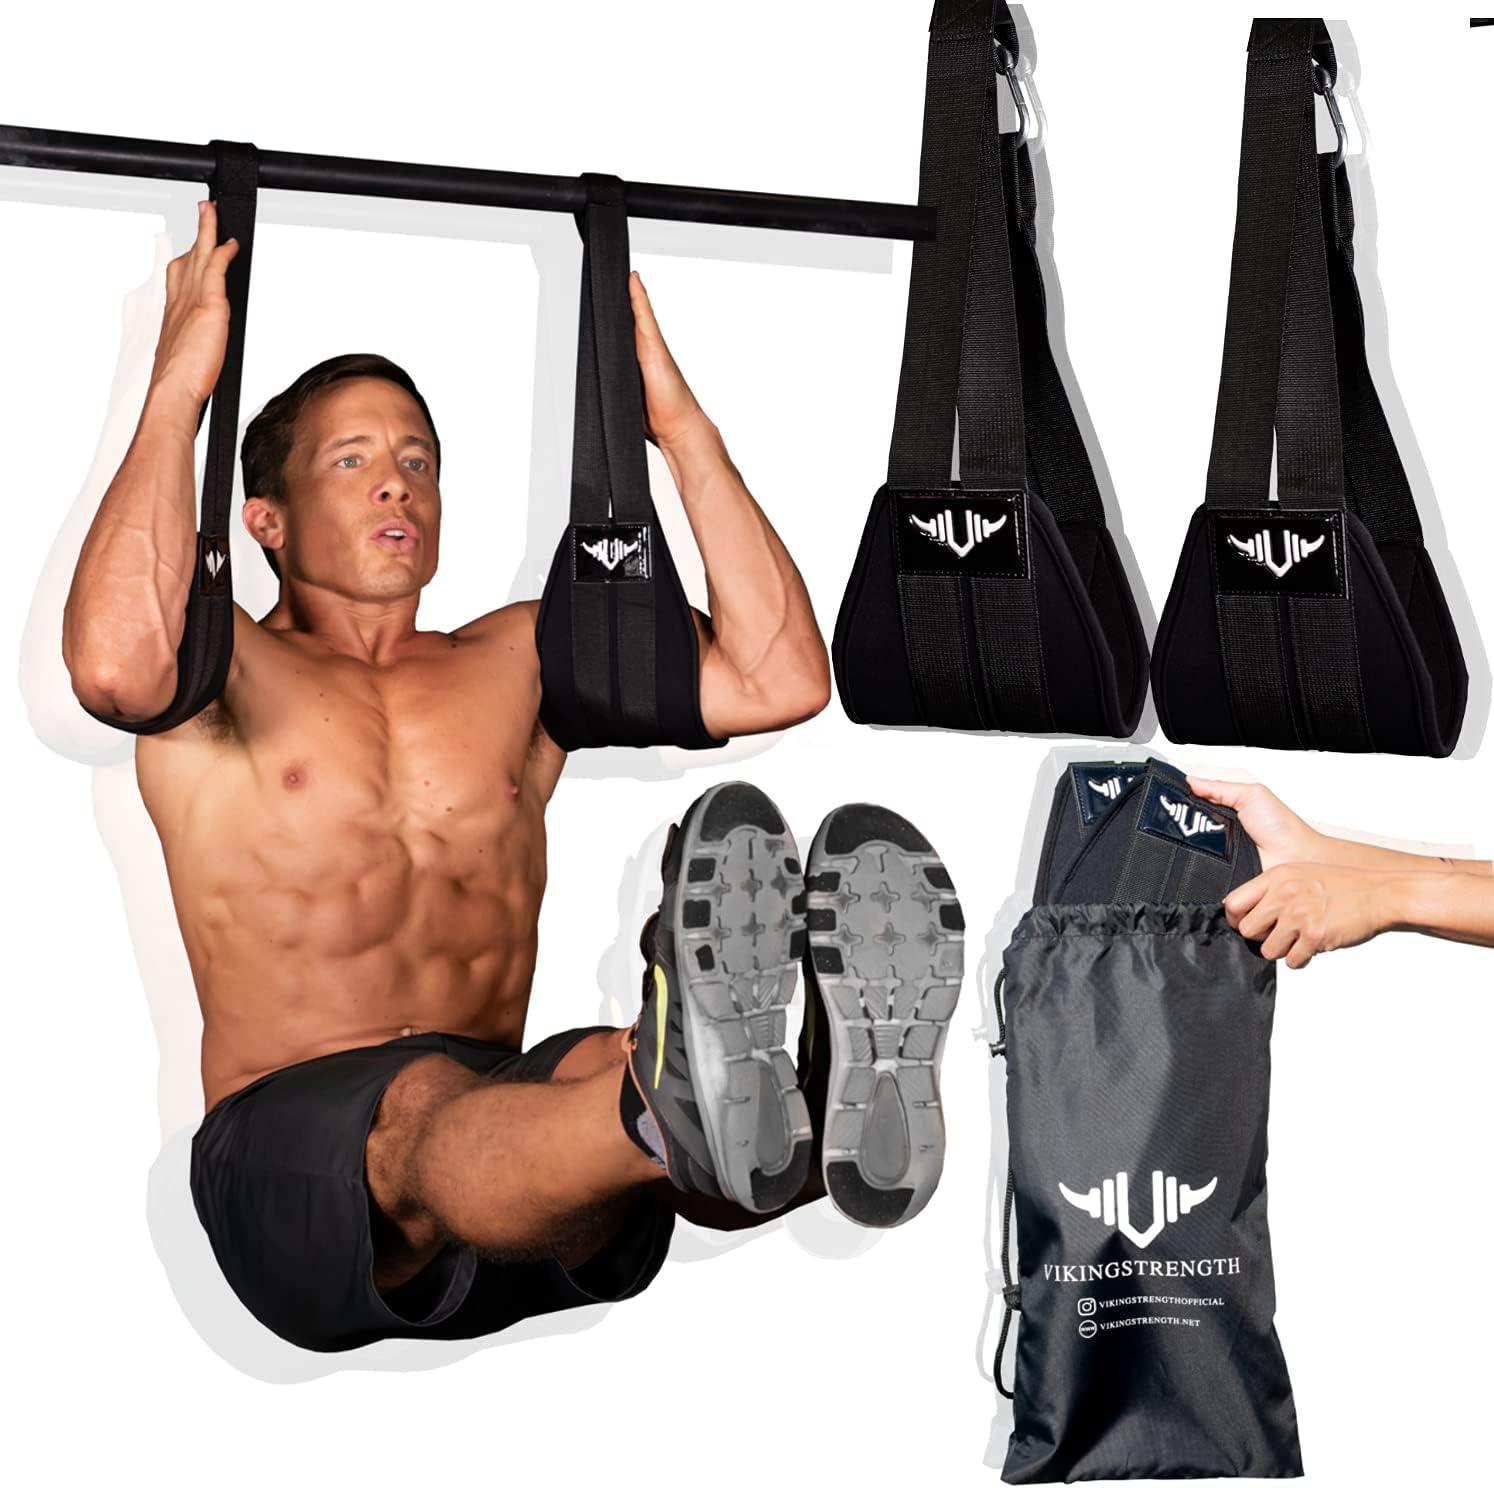 Vikingstrength AB Straps for six Pack - Home Gym Exerciser Ab Slings Pair for Pull up bar - Hanging Leg Raiser Fitness - Workout Equipment for Men & Women + E-Book